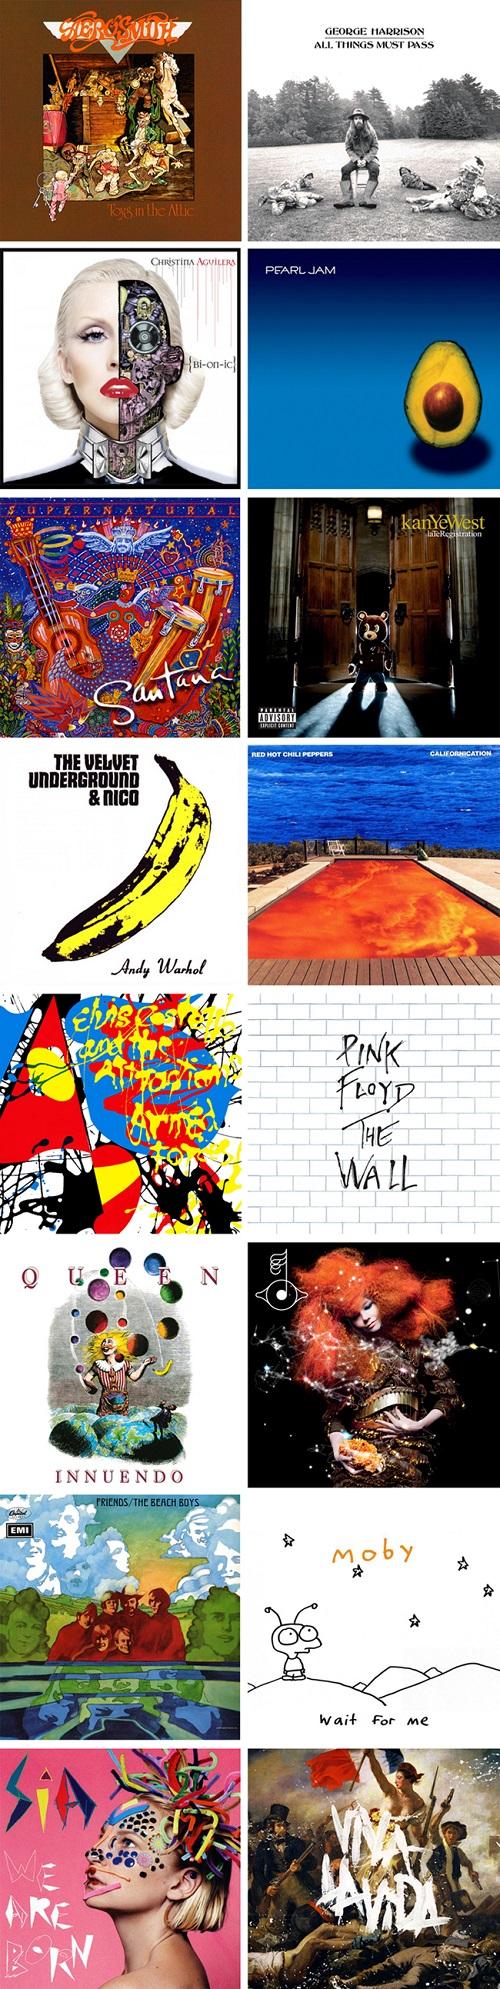 listados de algunas de las portadas de discos más creativas, publicadas entre la década de los 60' hasta la actualidad.